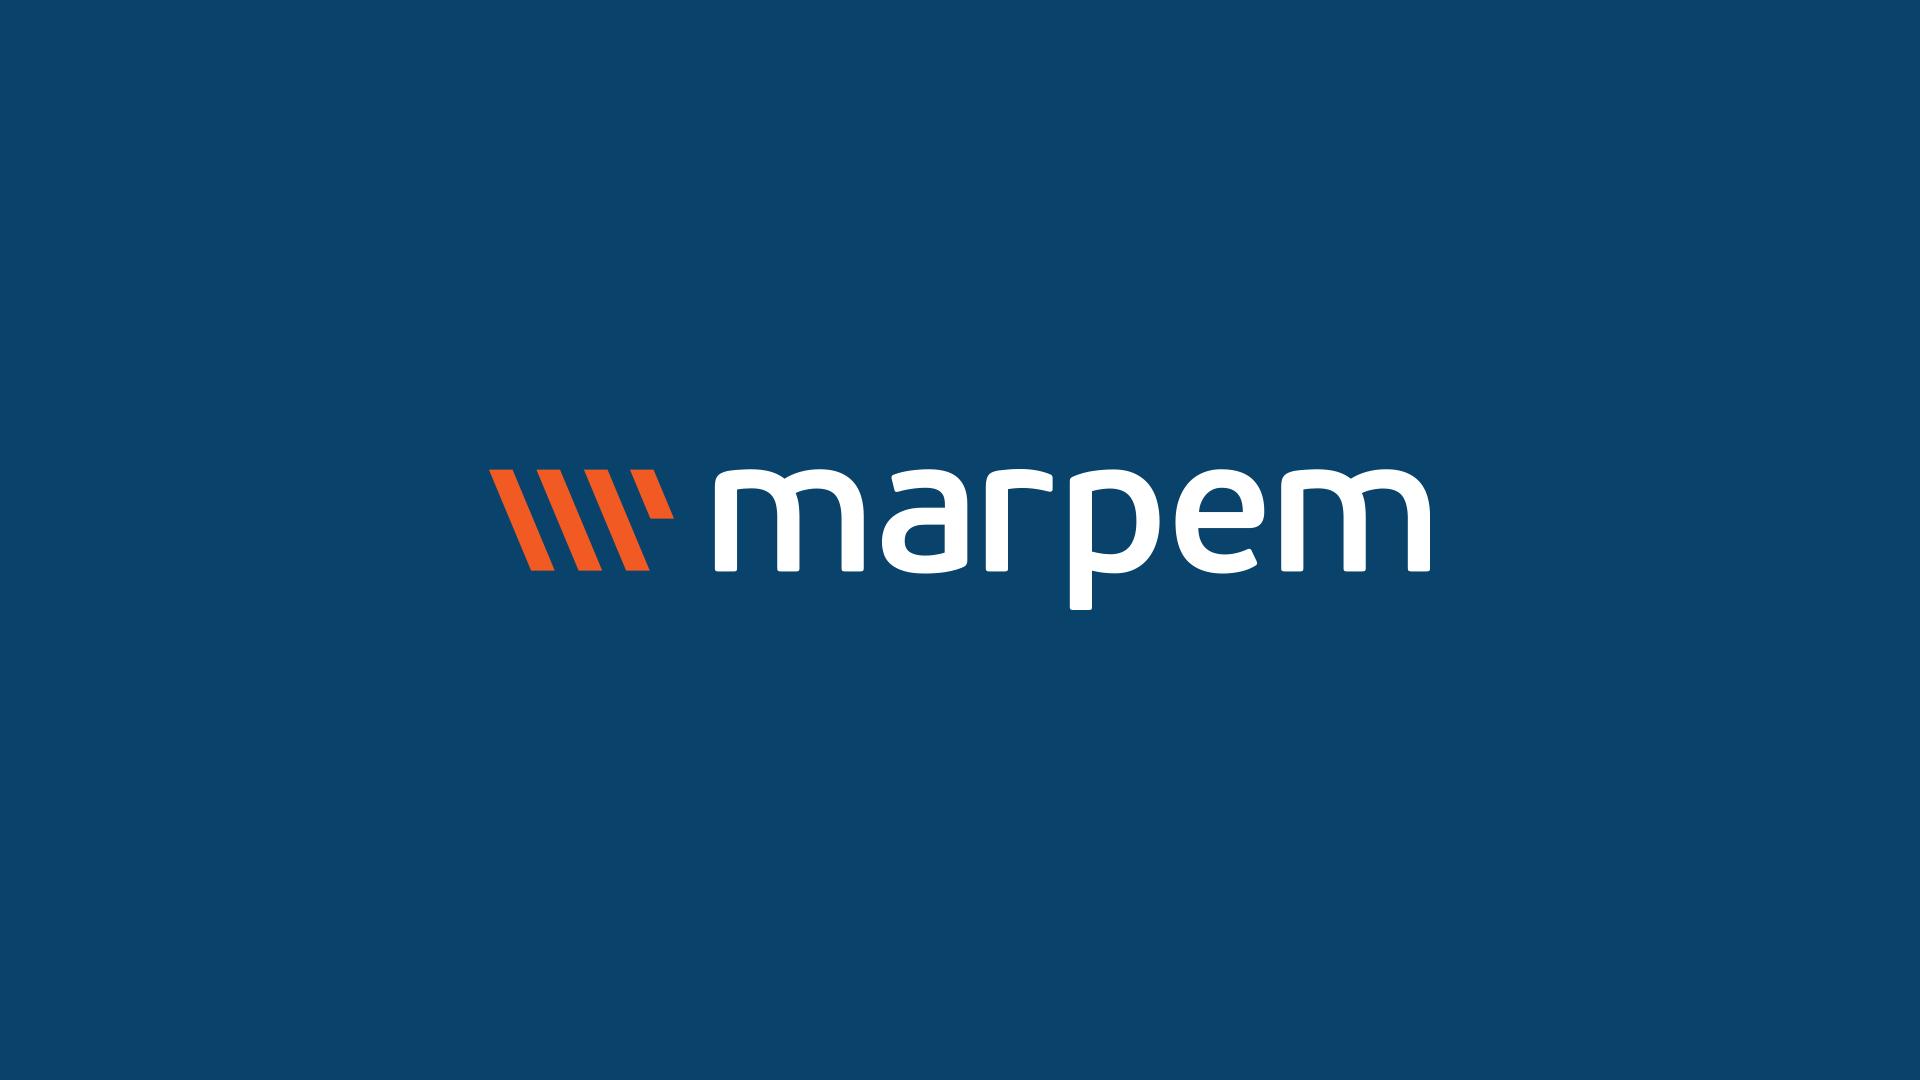 Marpem